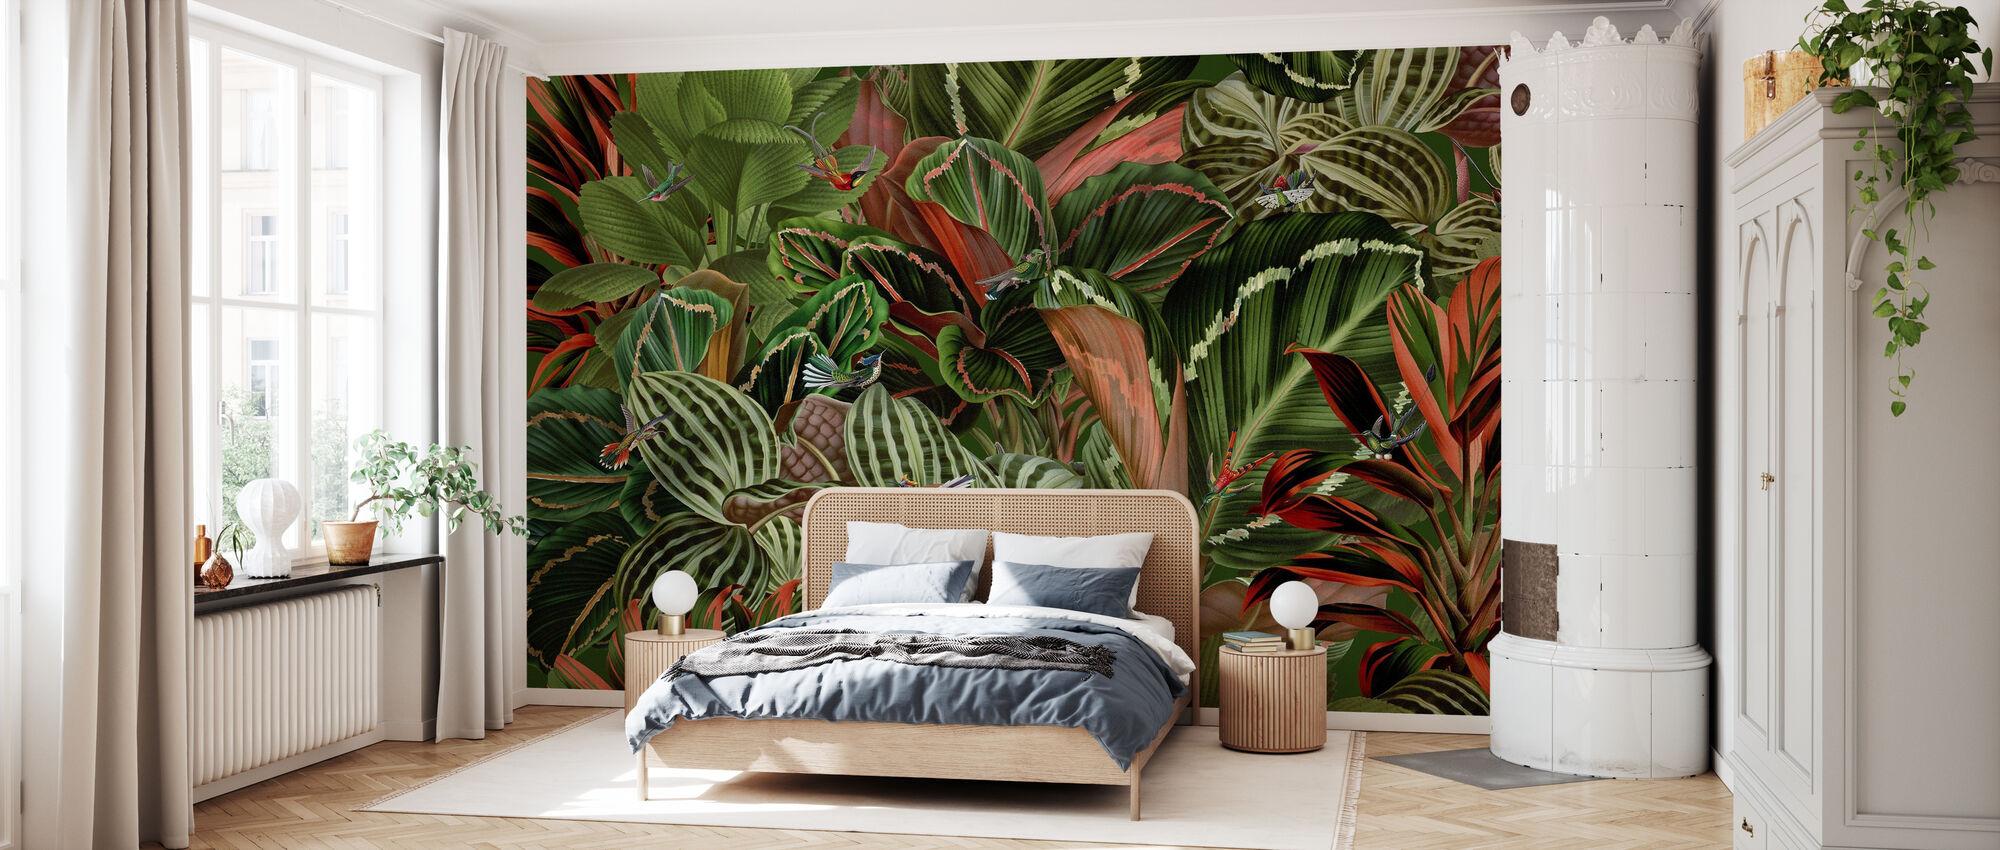 Aves del Paraíso - Papel pintado - Dormitorio